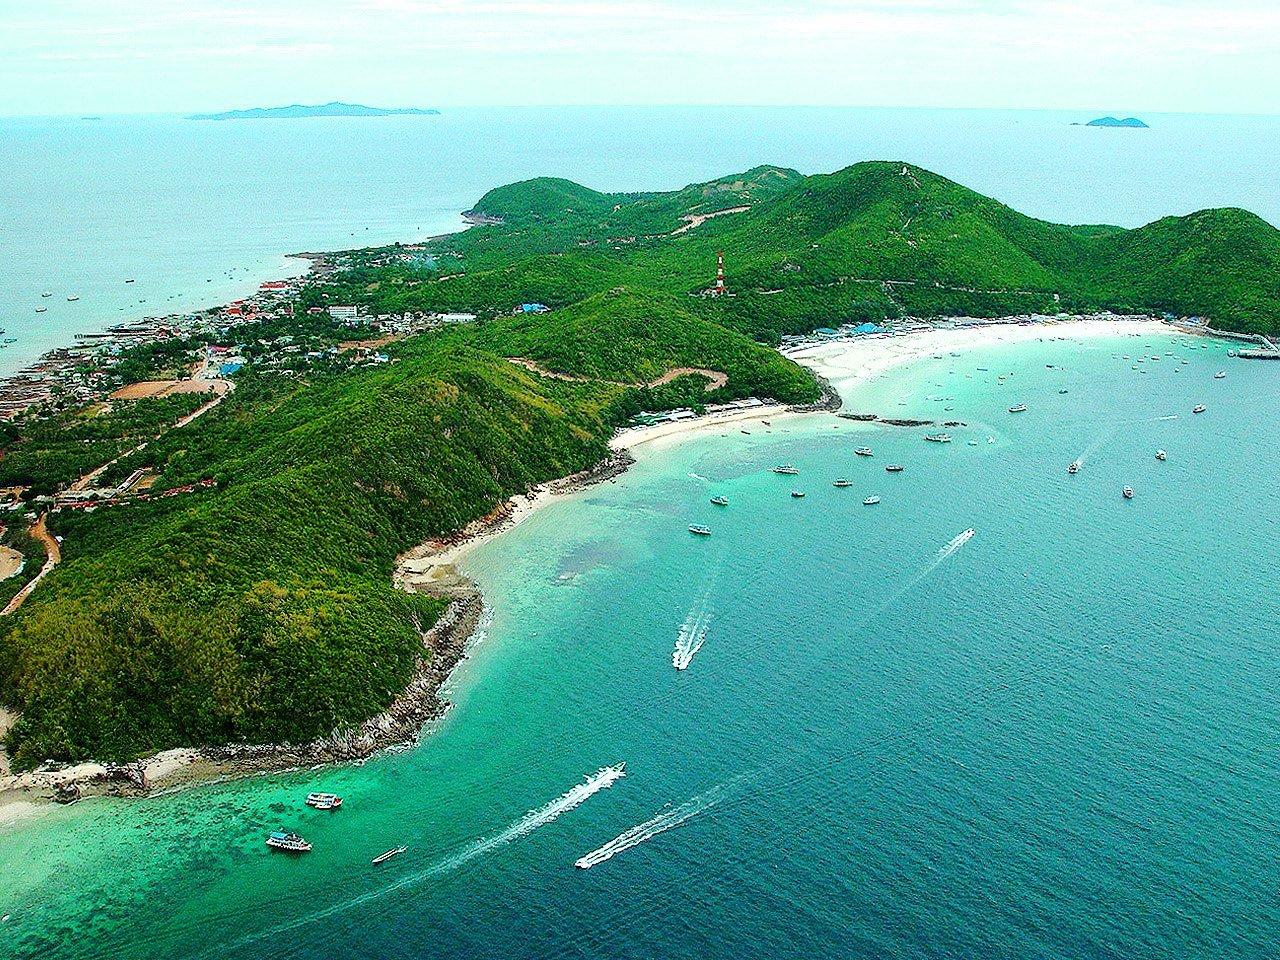 Ко лан тайланд фото пляжи